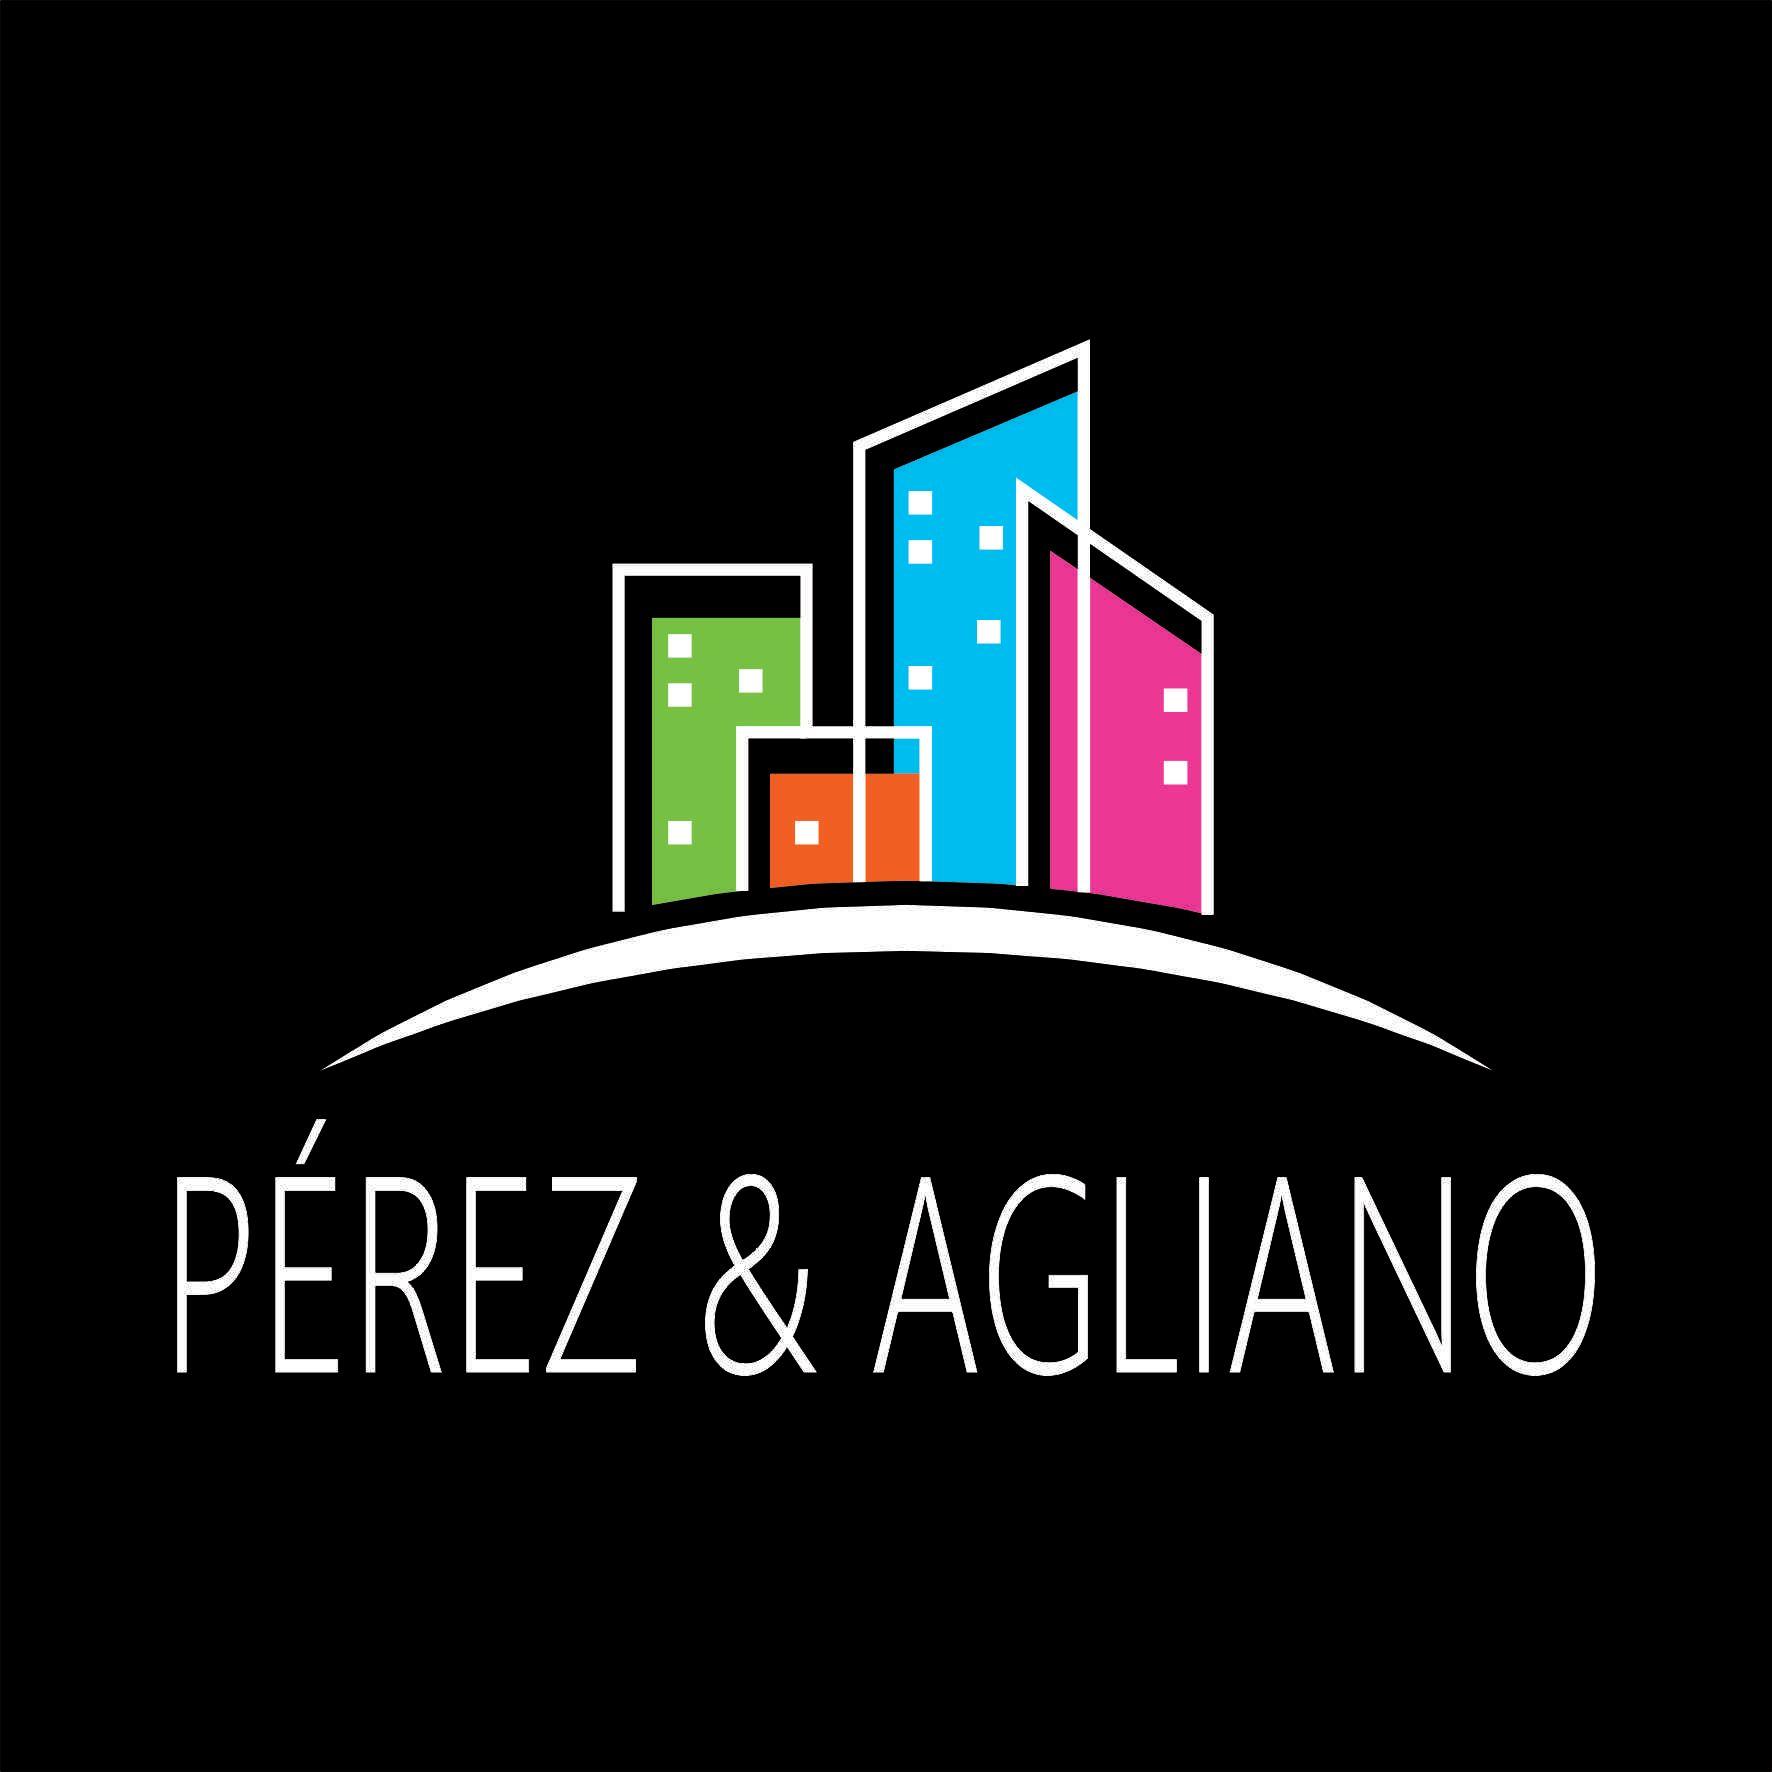 Logo de  Perezagliano